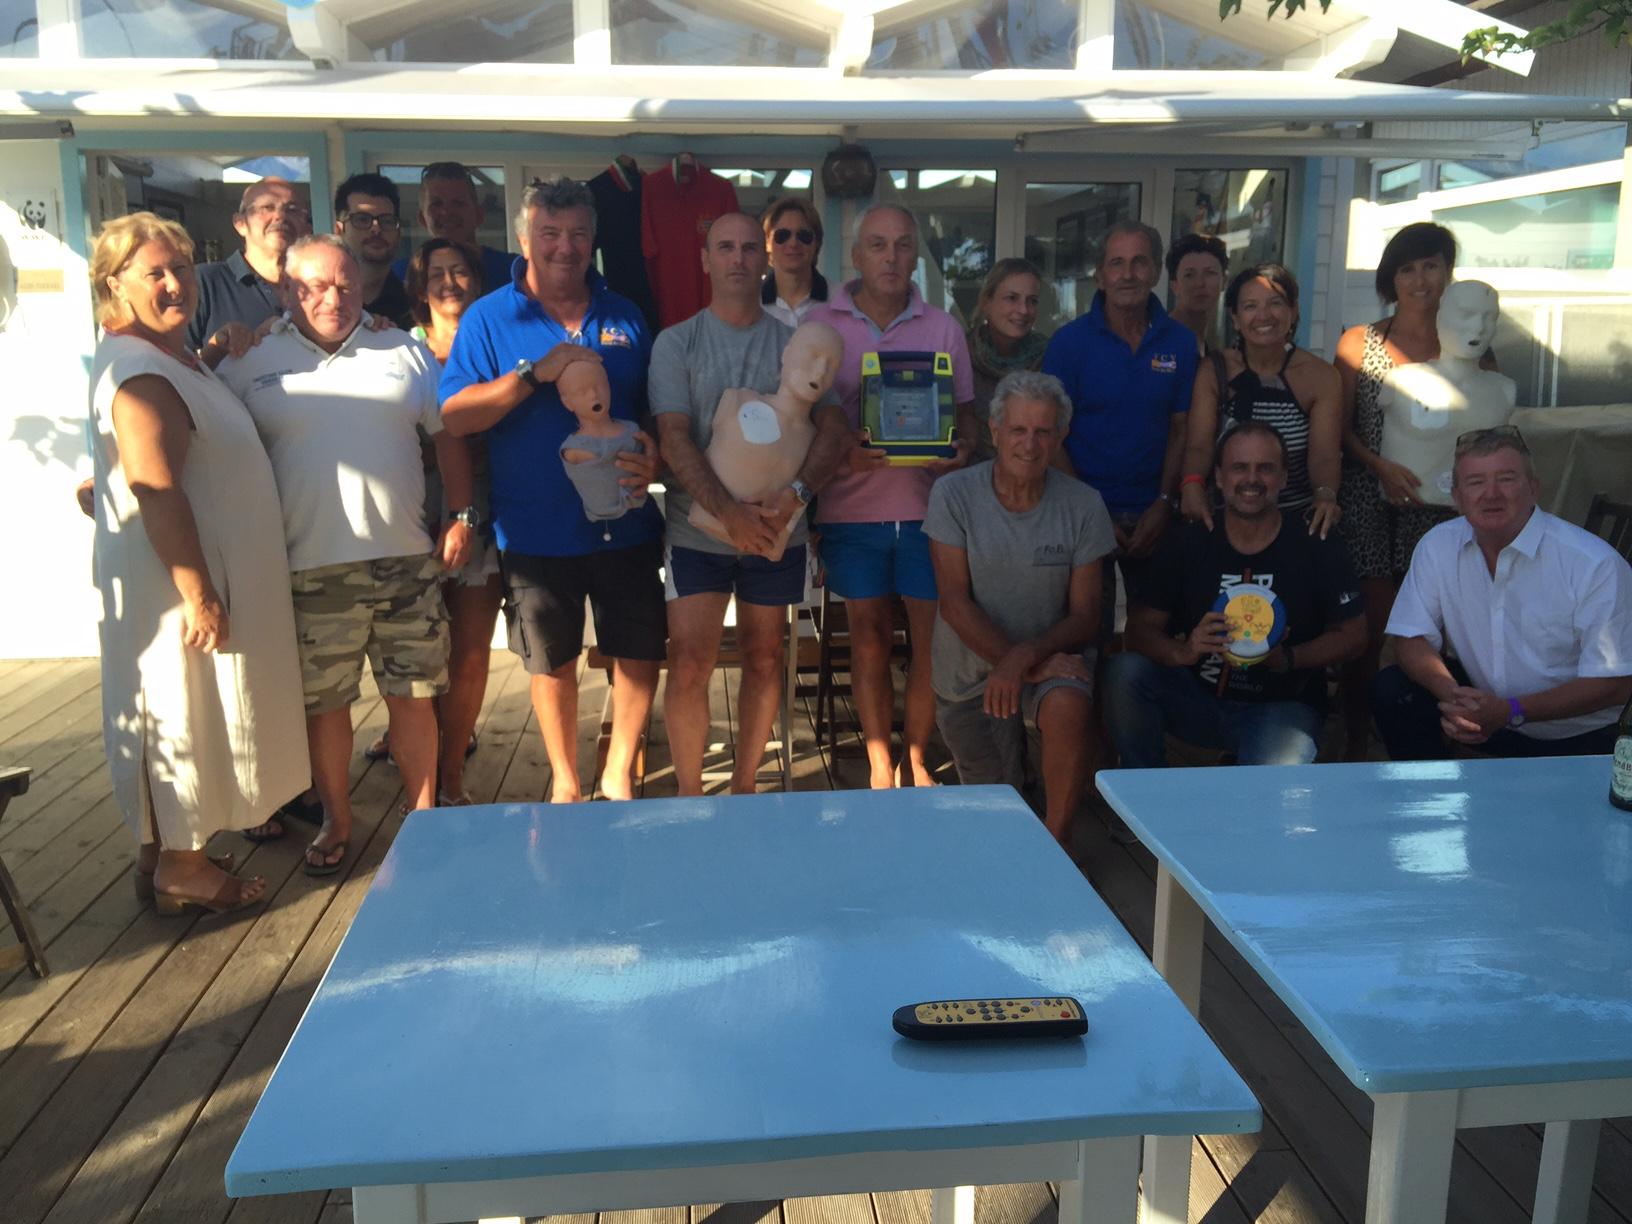 La foto di fine Corso, con gli amici dello Yachting Club Versilia...e la famiglia di Ugo...